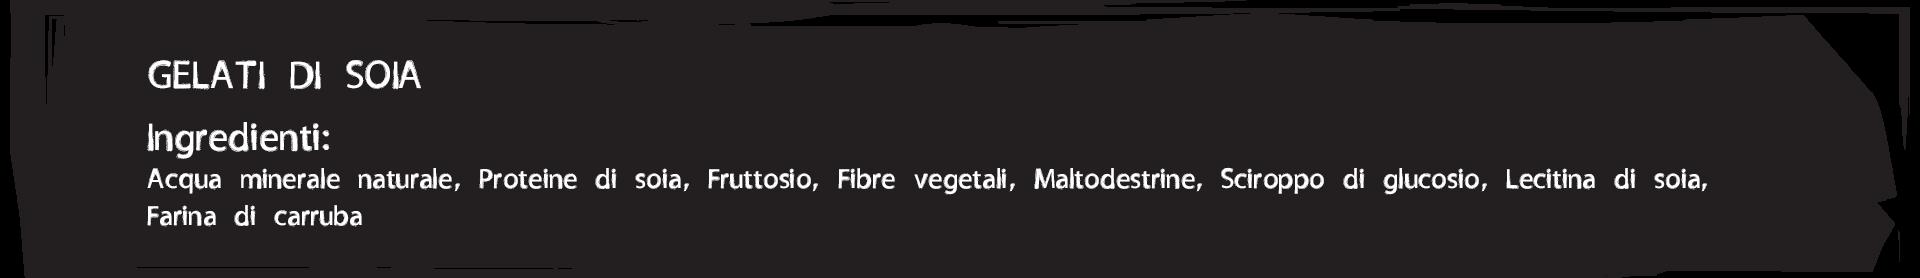 Gelateria Millennium, ingredienti gelato di soia